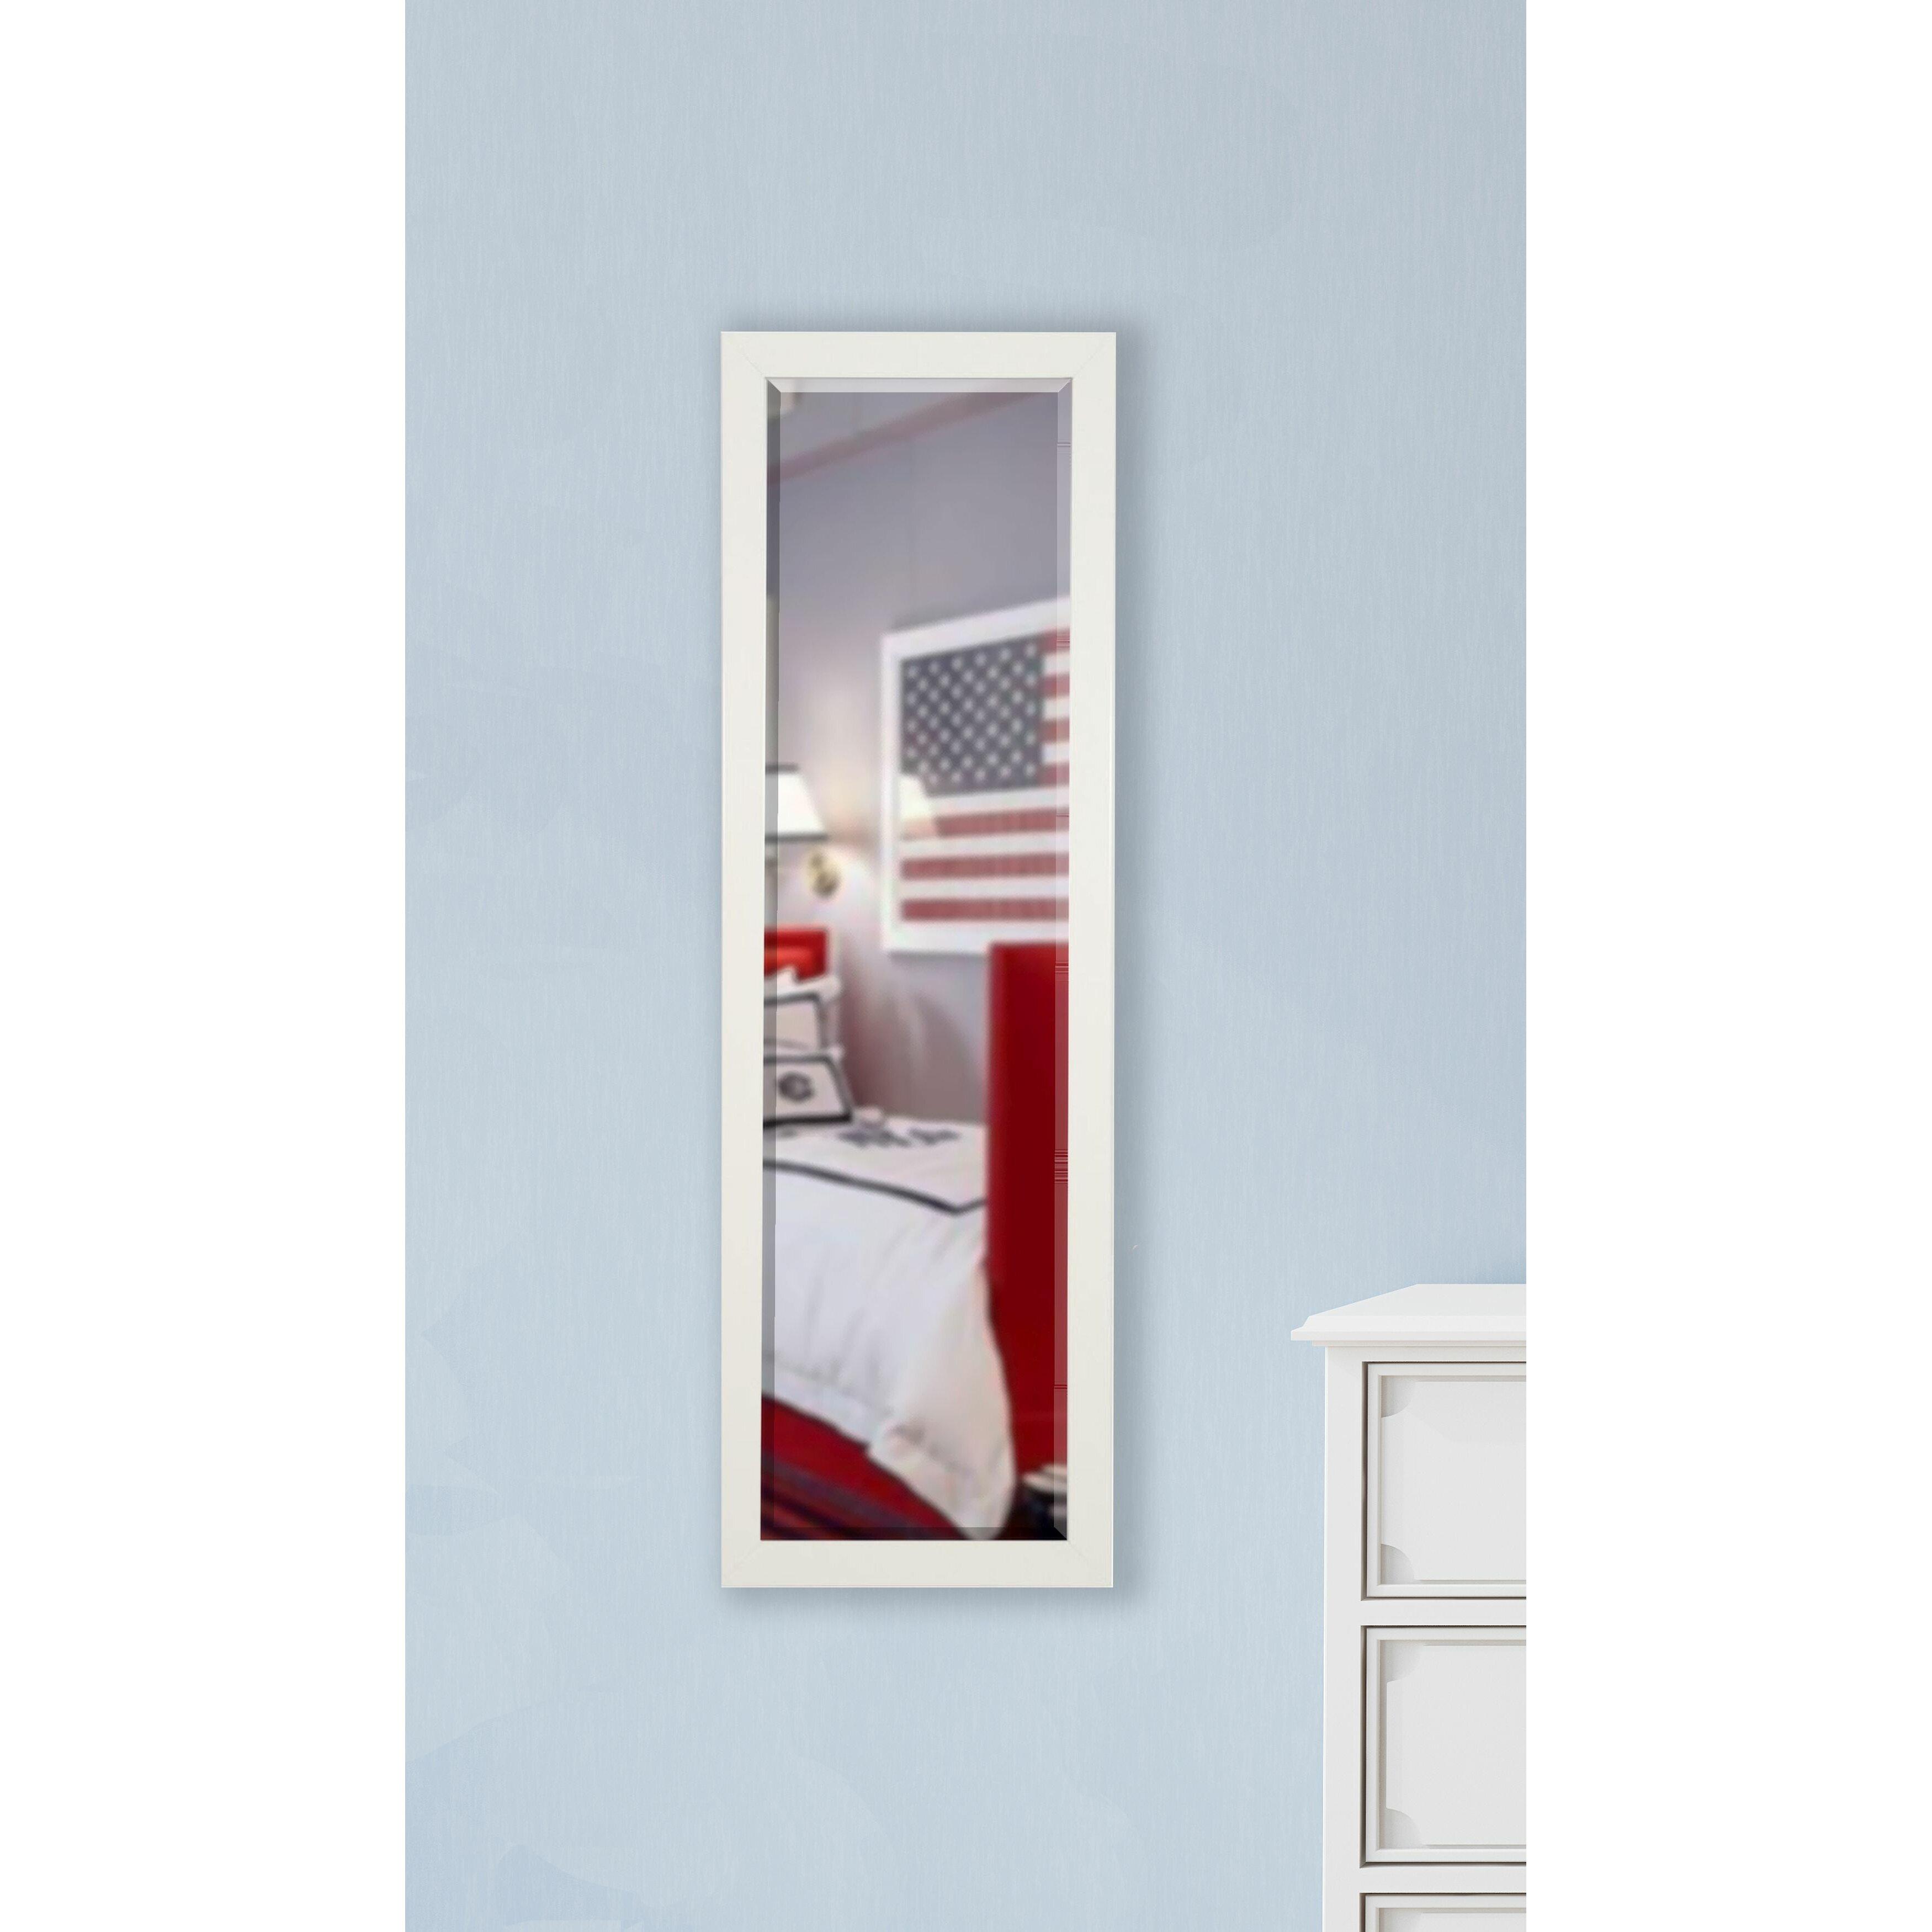 Rayne mirrors jovie jane glossy white full length beveled for White full length mirror